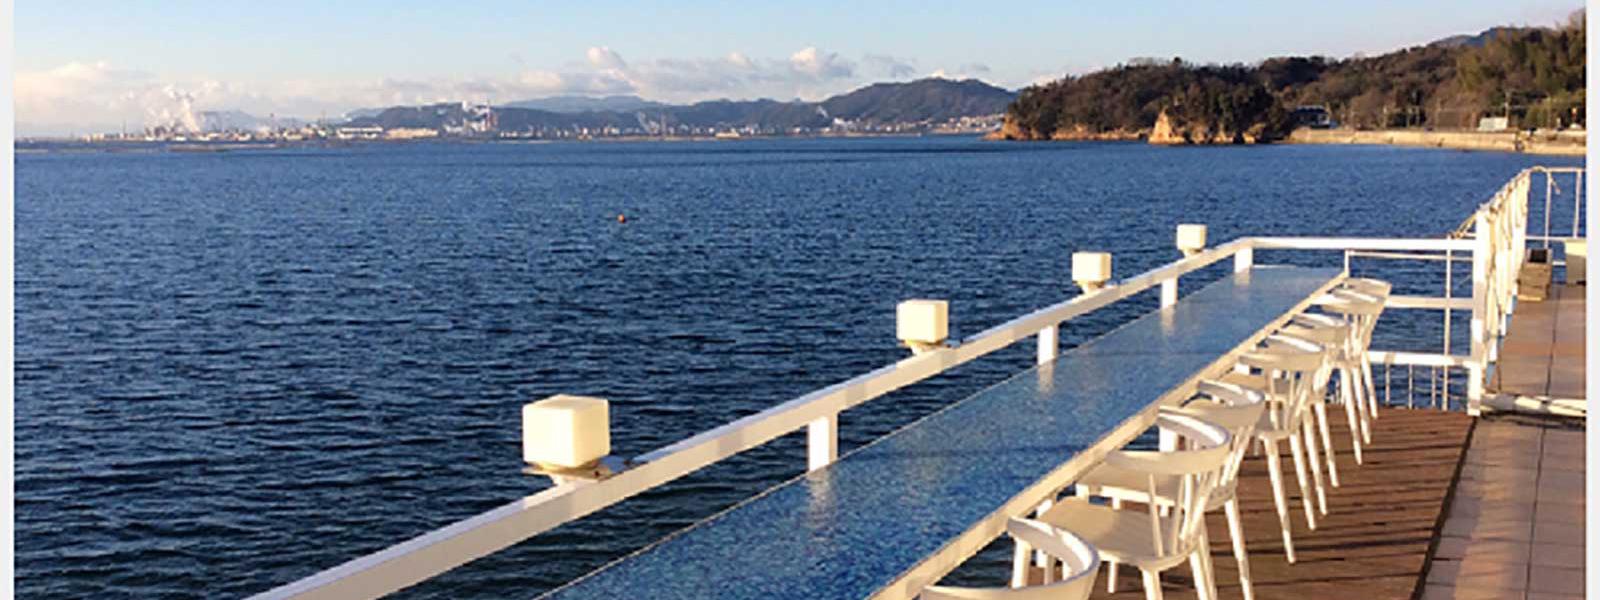 ゲストハウスから行ける海の見えるレストラン【海と料理 miya】